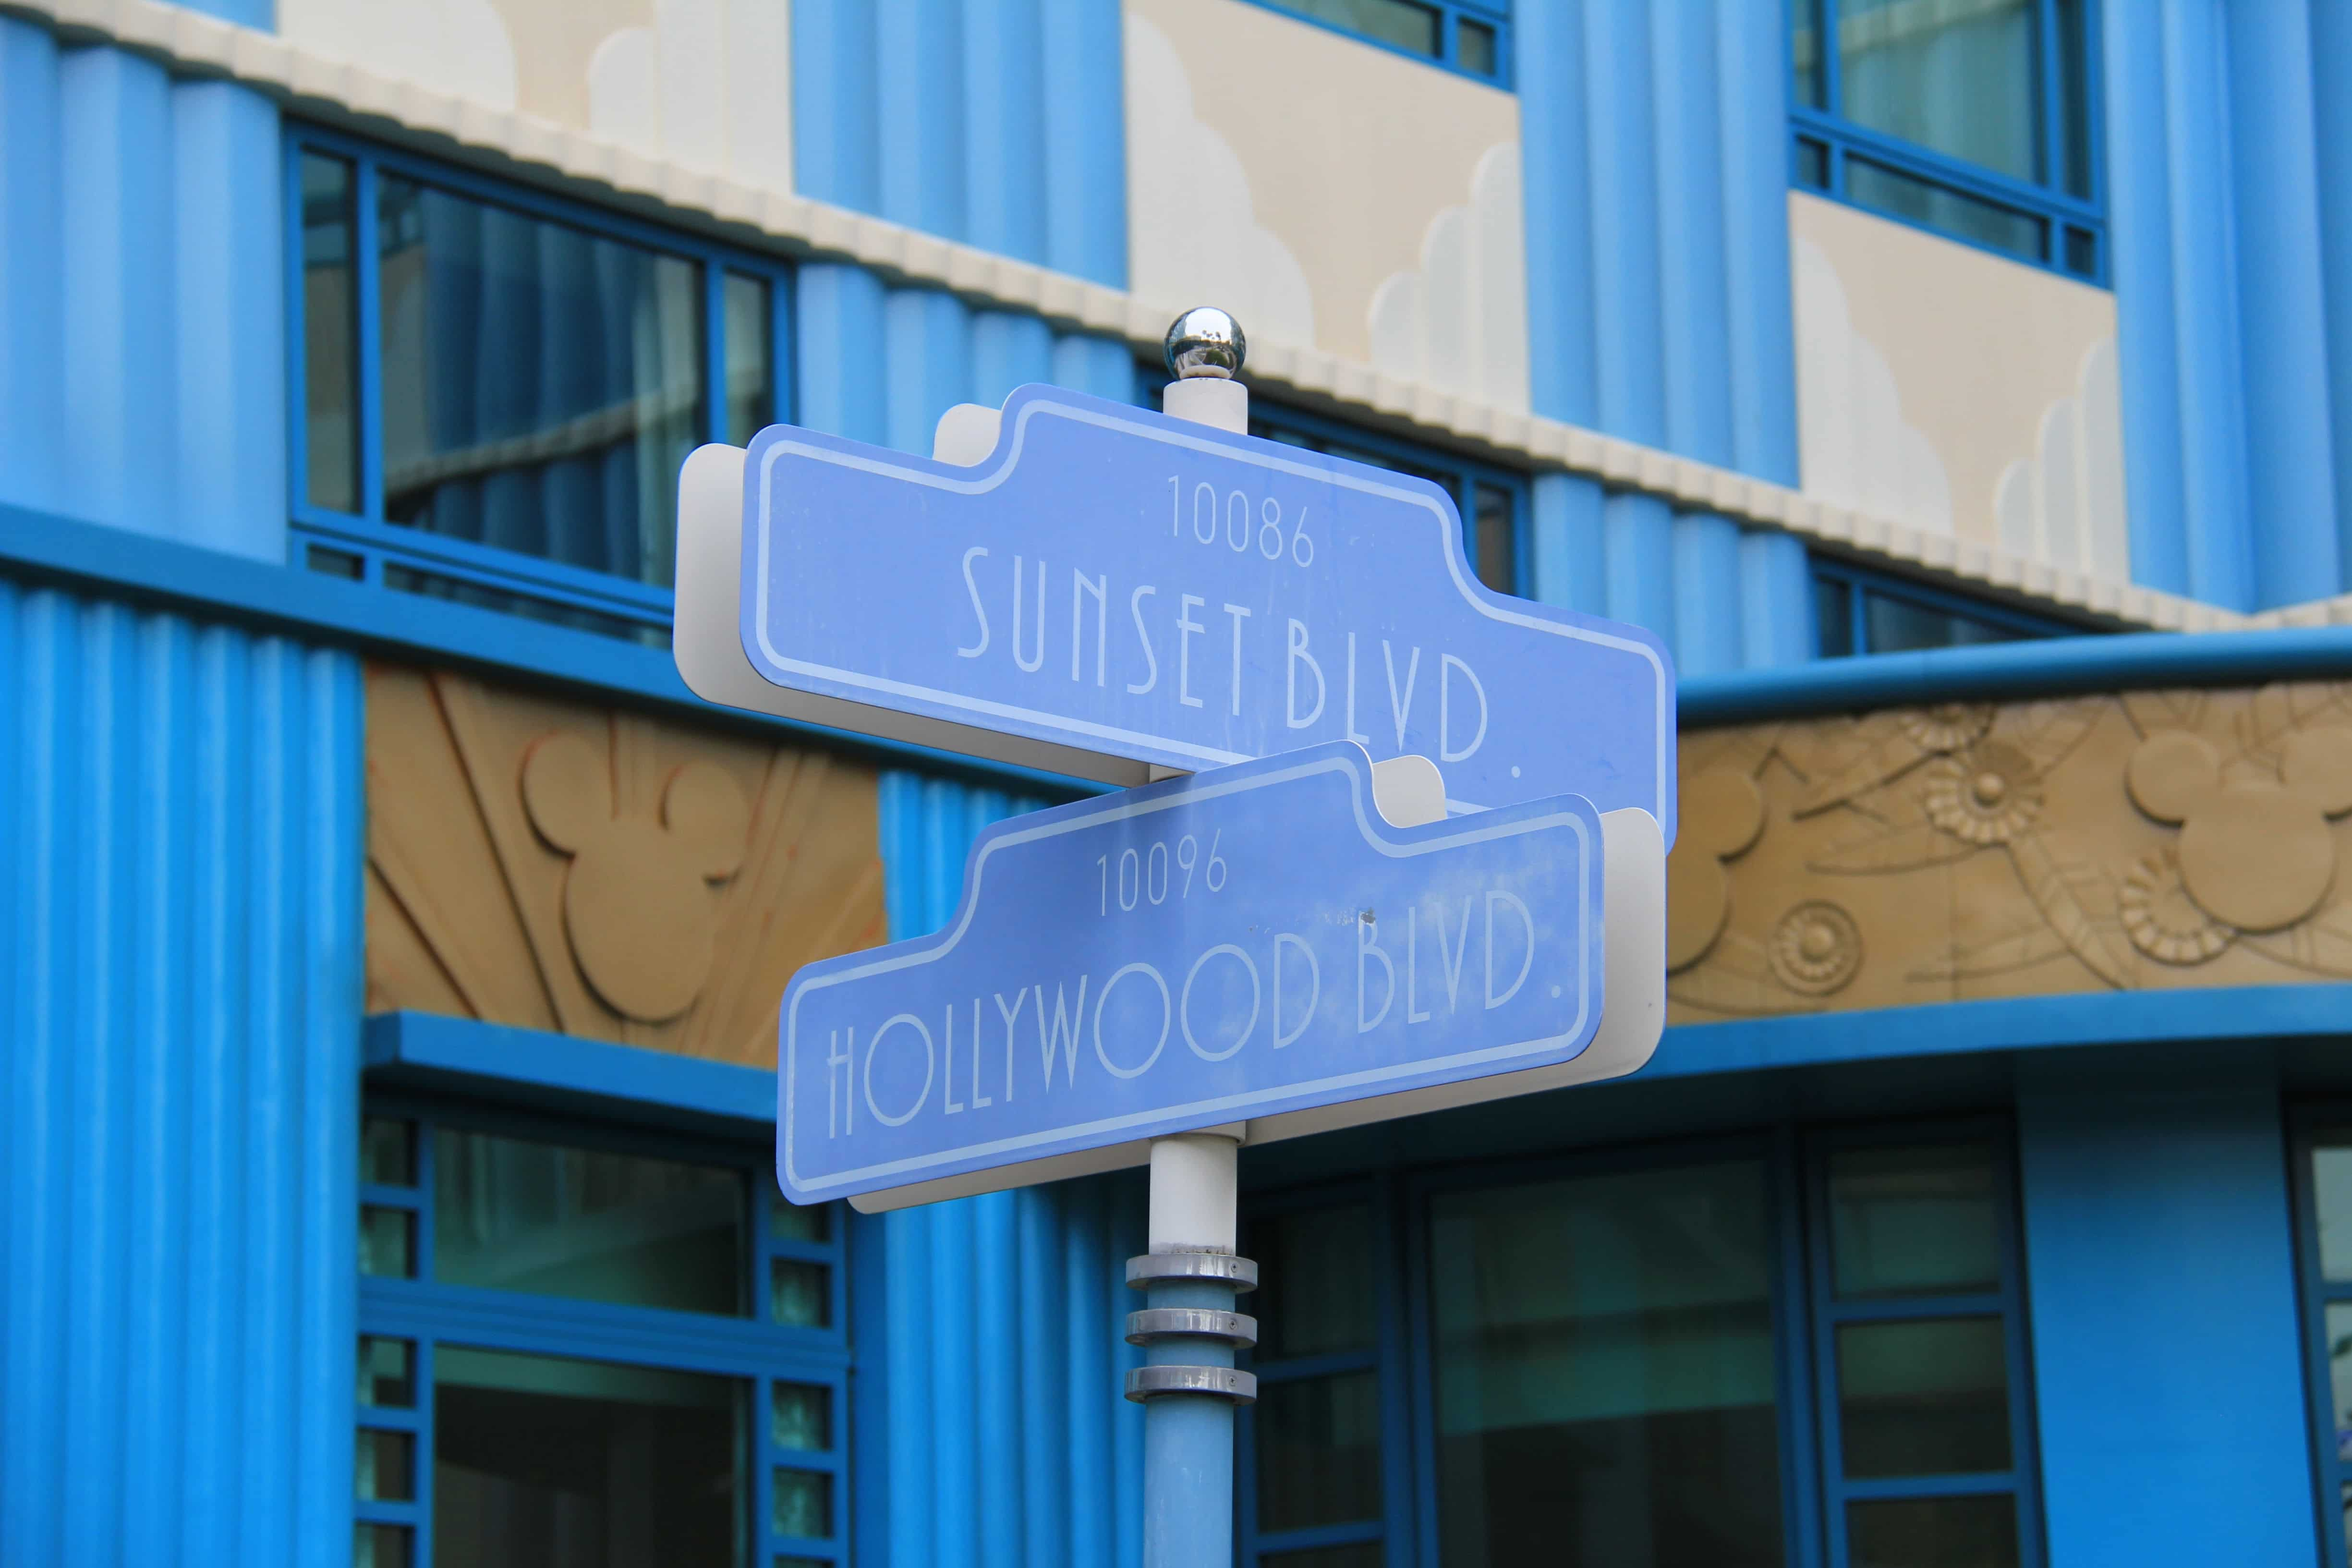 Hollywood Theming Back of Hotel - Disney's Hollywood Hotel Hong Kong Disneyland